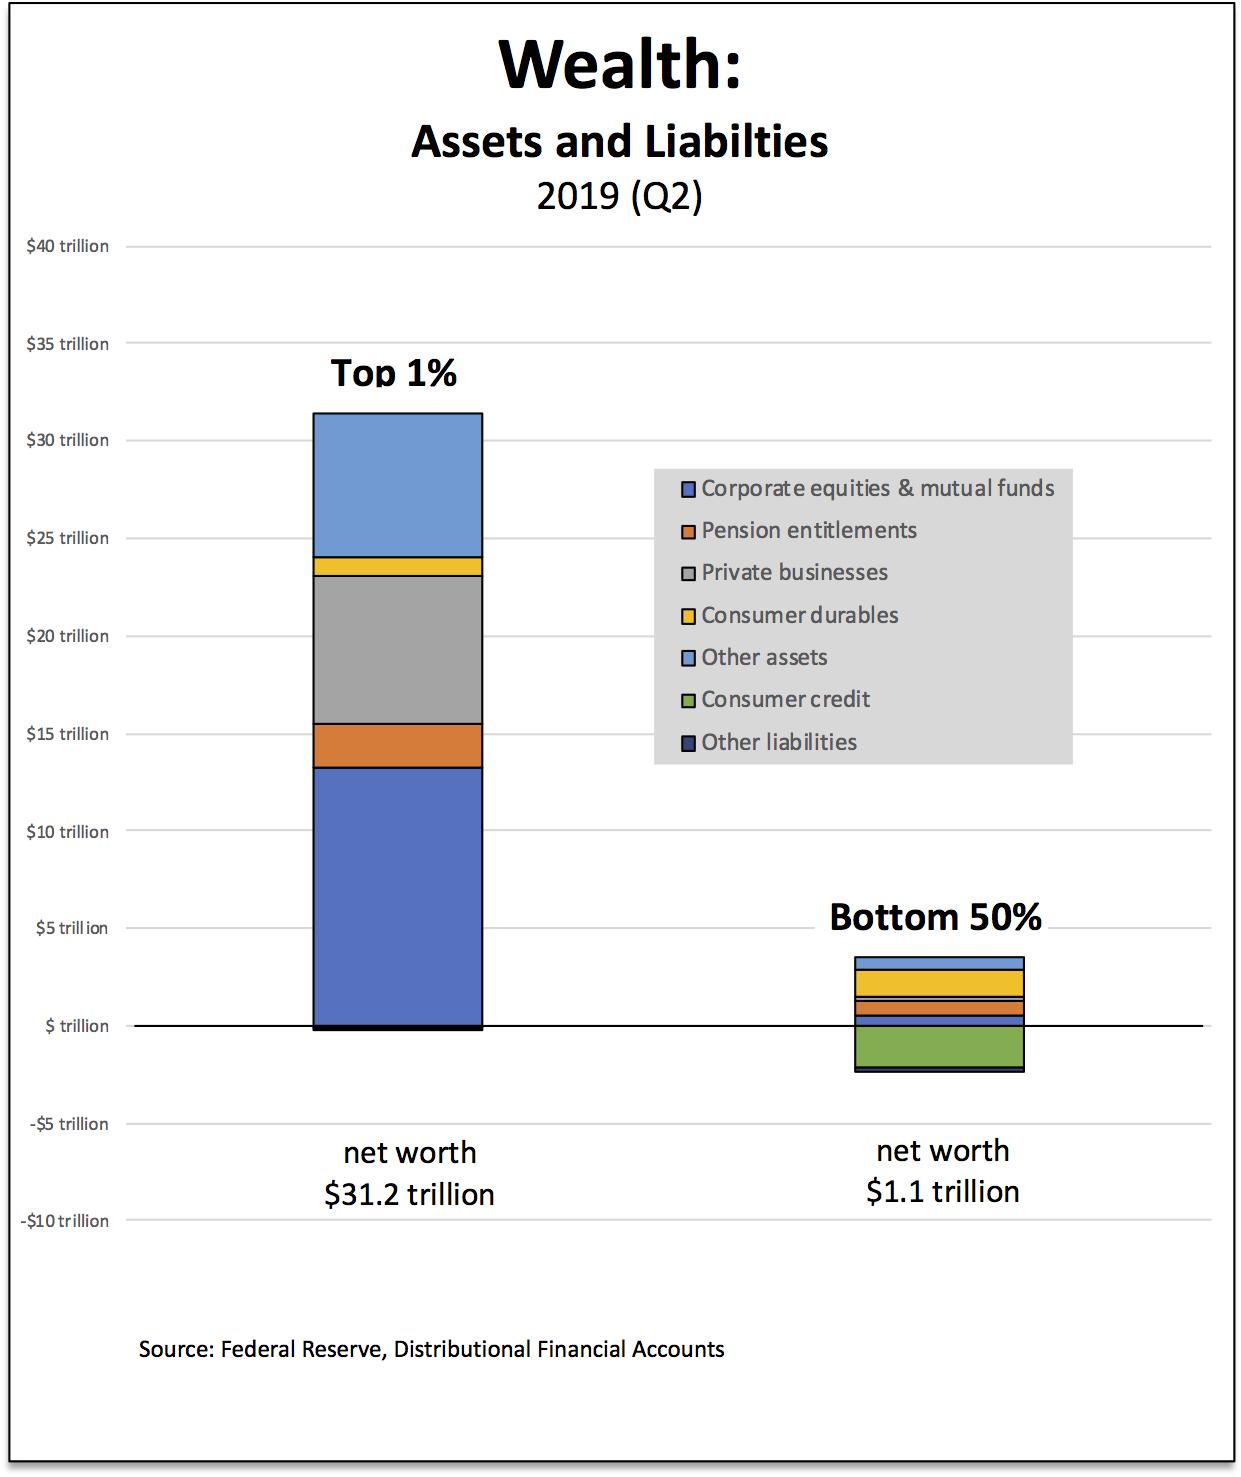 wealth-A&L